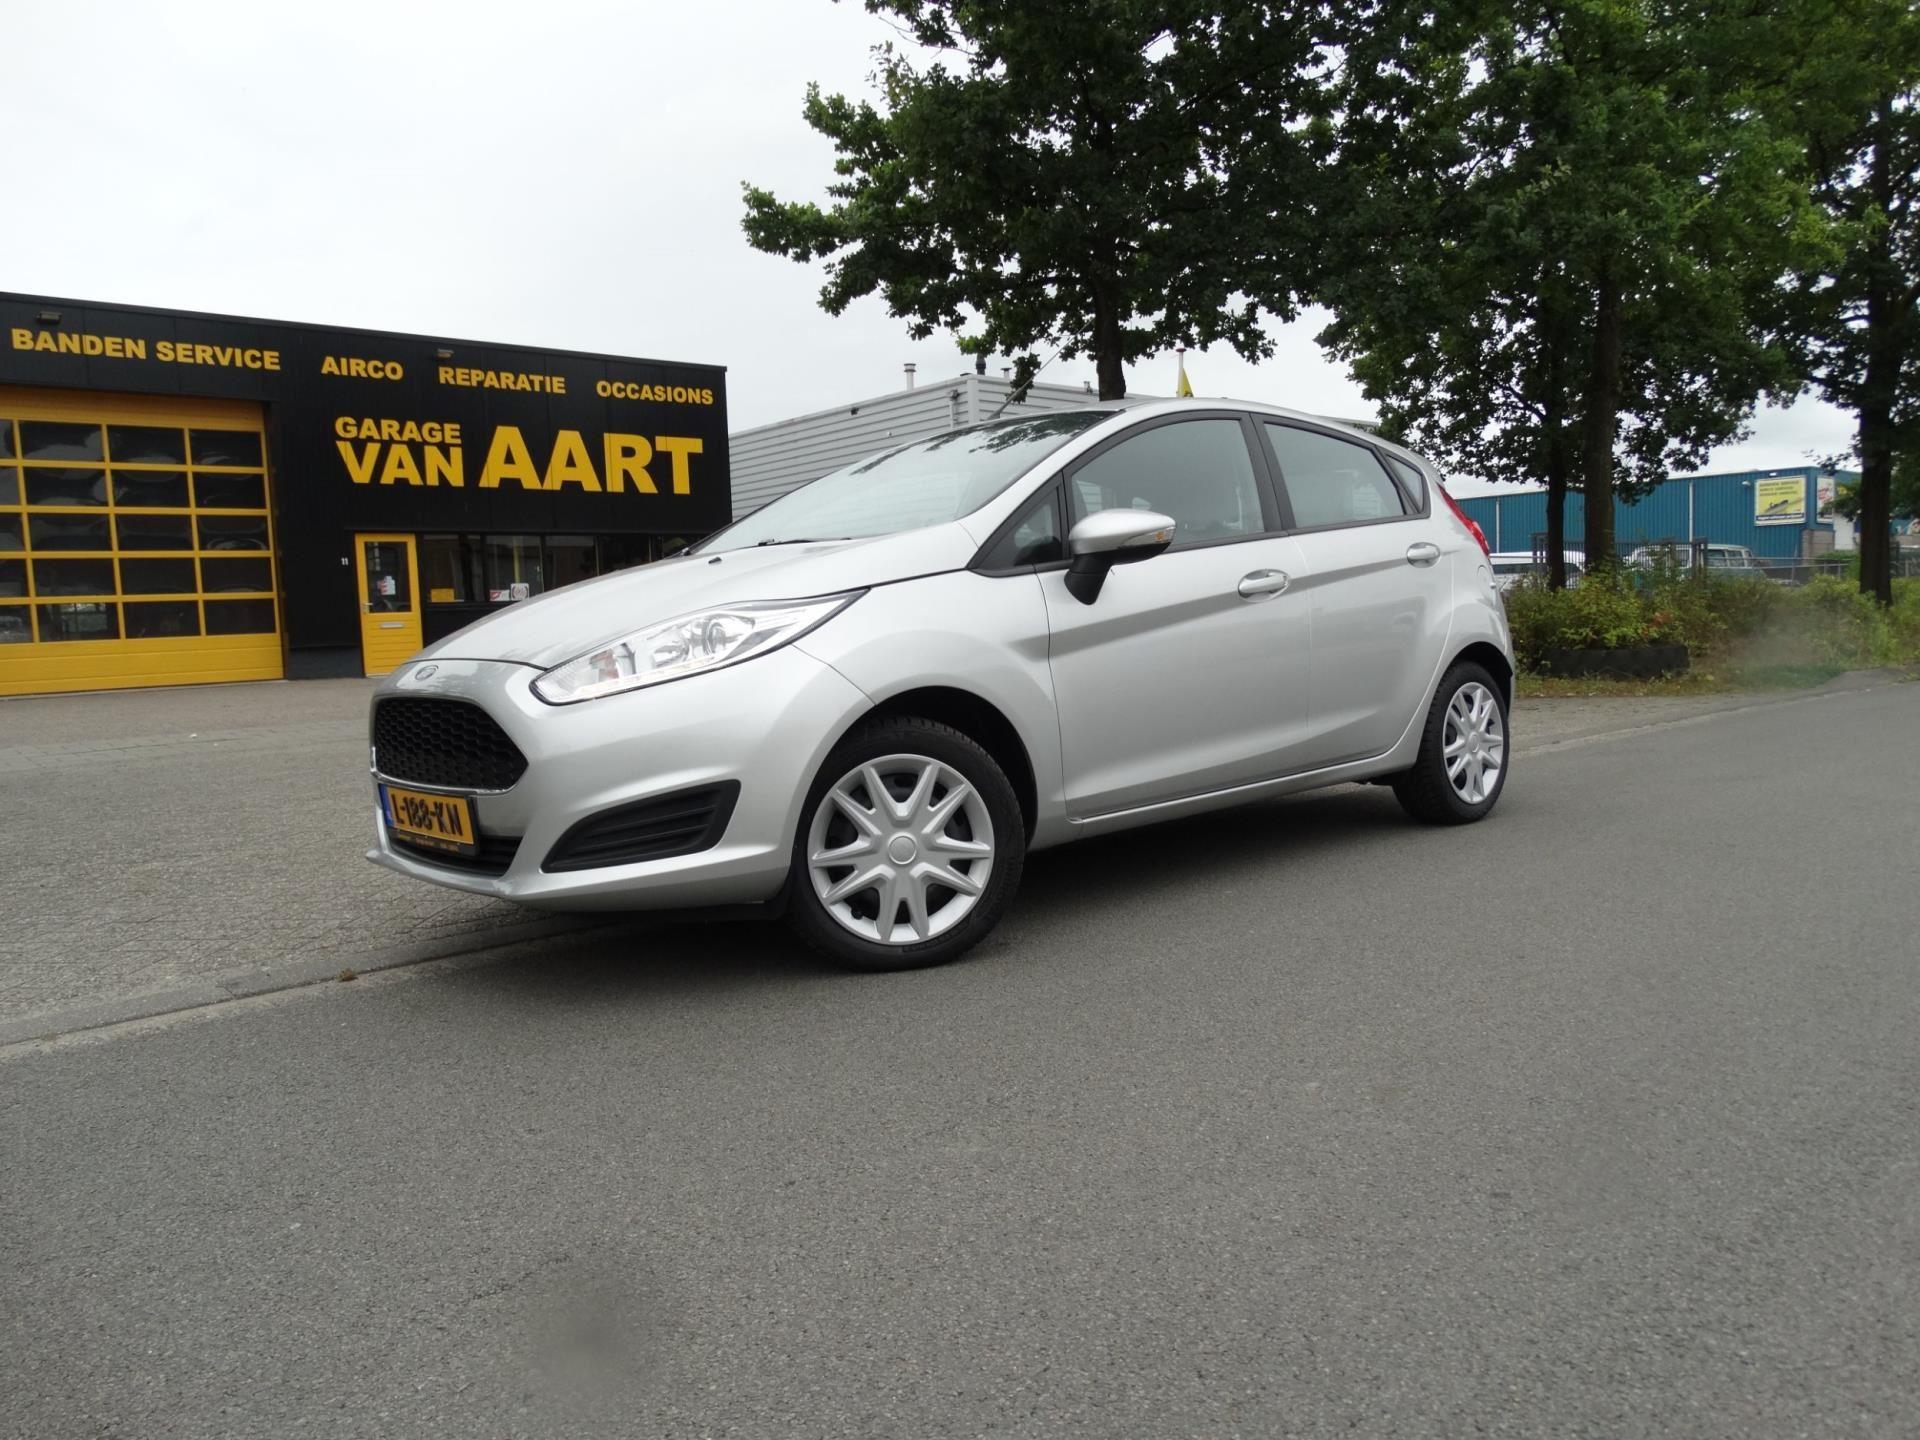 Ford Fiesta occasion - Garage van Aart